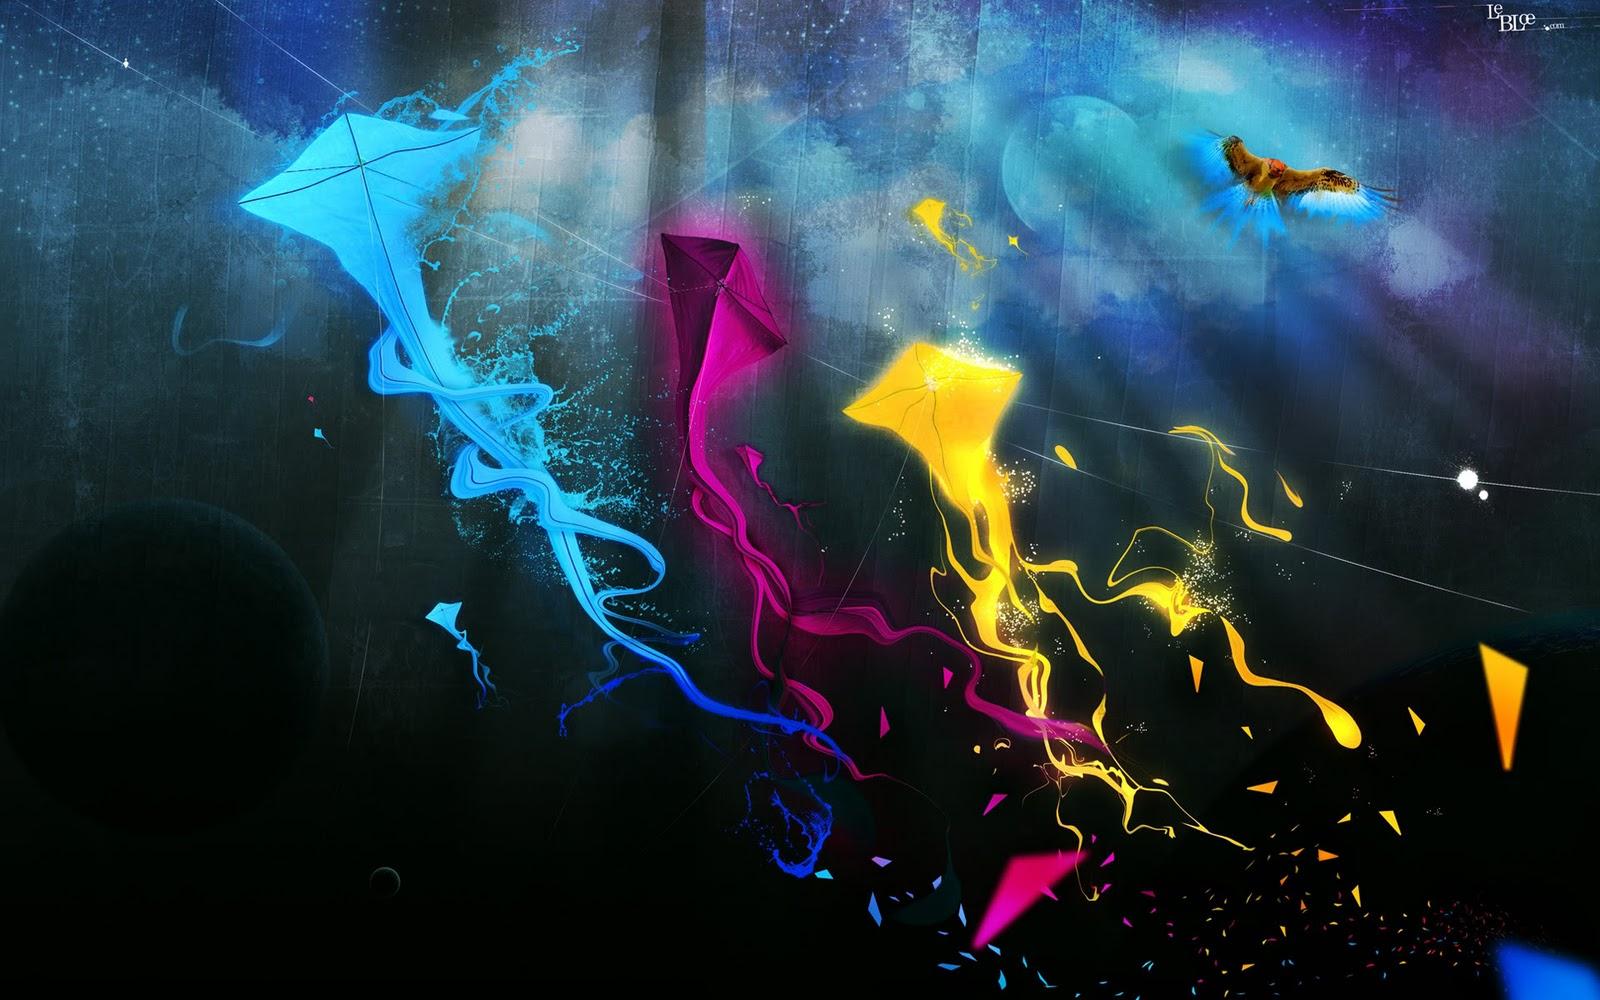 http://1.bp.blogspot.com/_Y5-4Z4aPcOI/TVABVbWXlLI/AAAAAAAABo0/VN94-2c5zF8/s1600/Mega%2BHD%2BWallpapers%2B-%2BFreeHD.Blogspot.Com%2B%25252891%252529.jpg